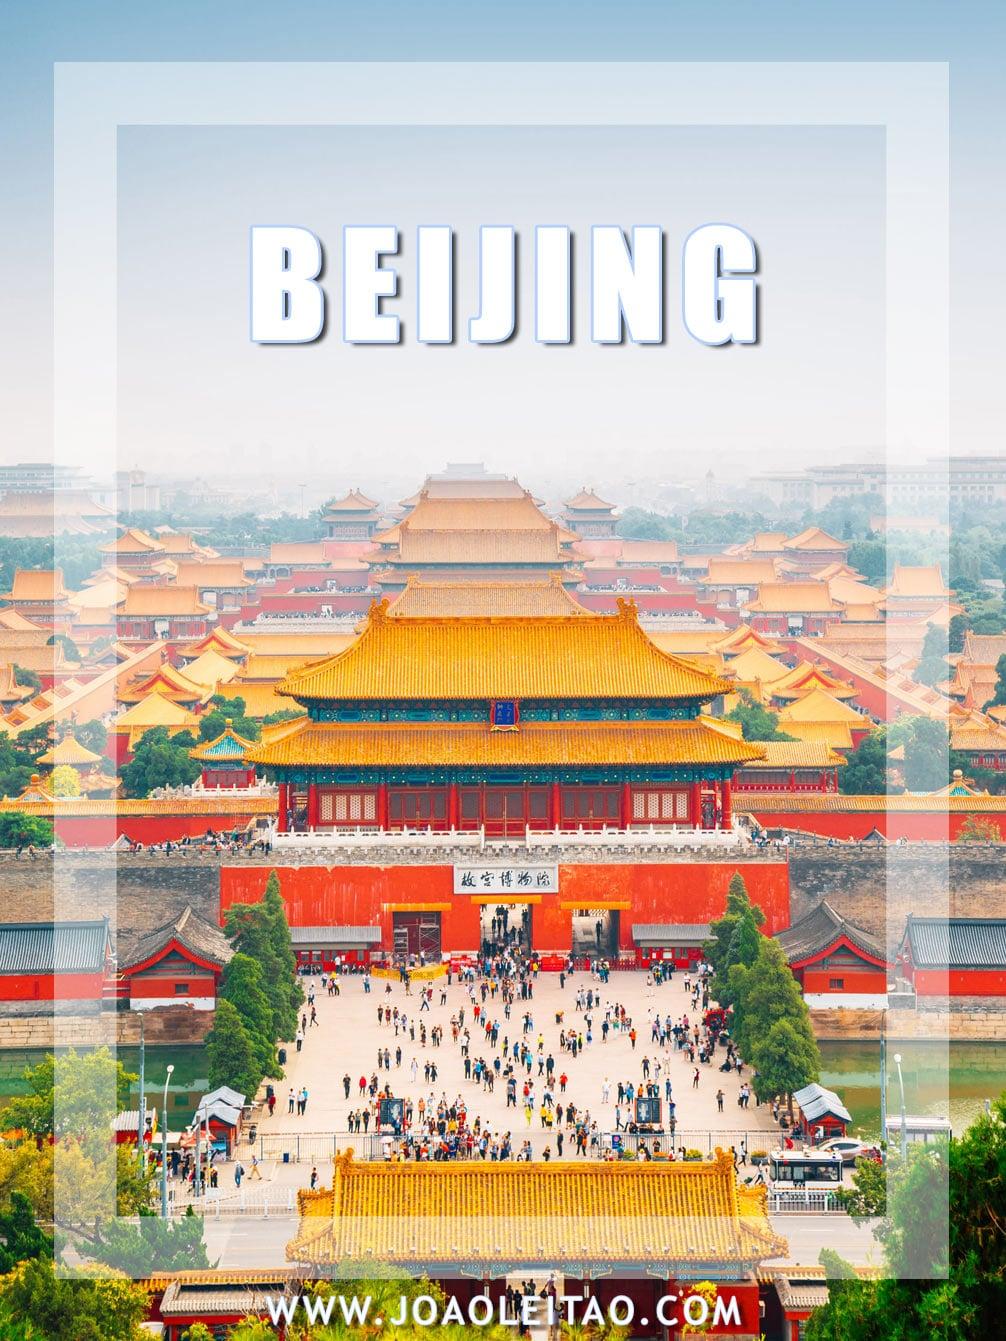 Visit Beijing China